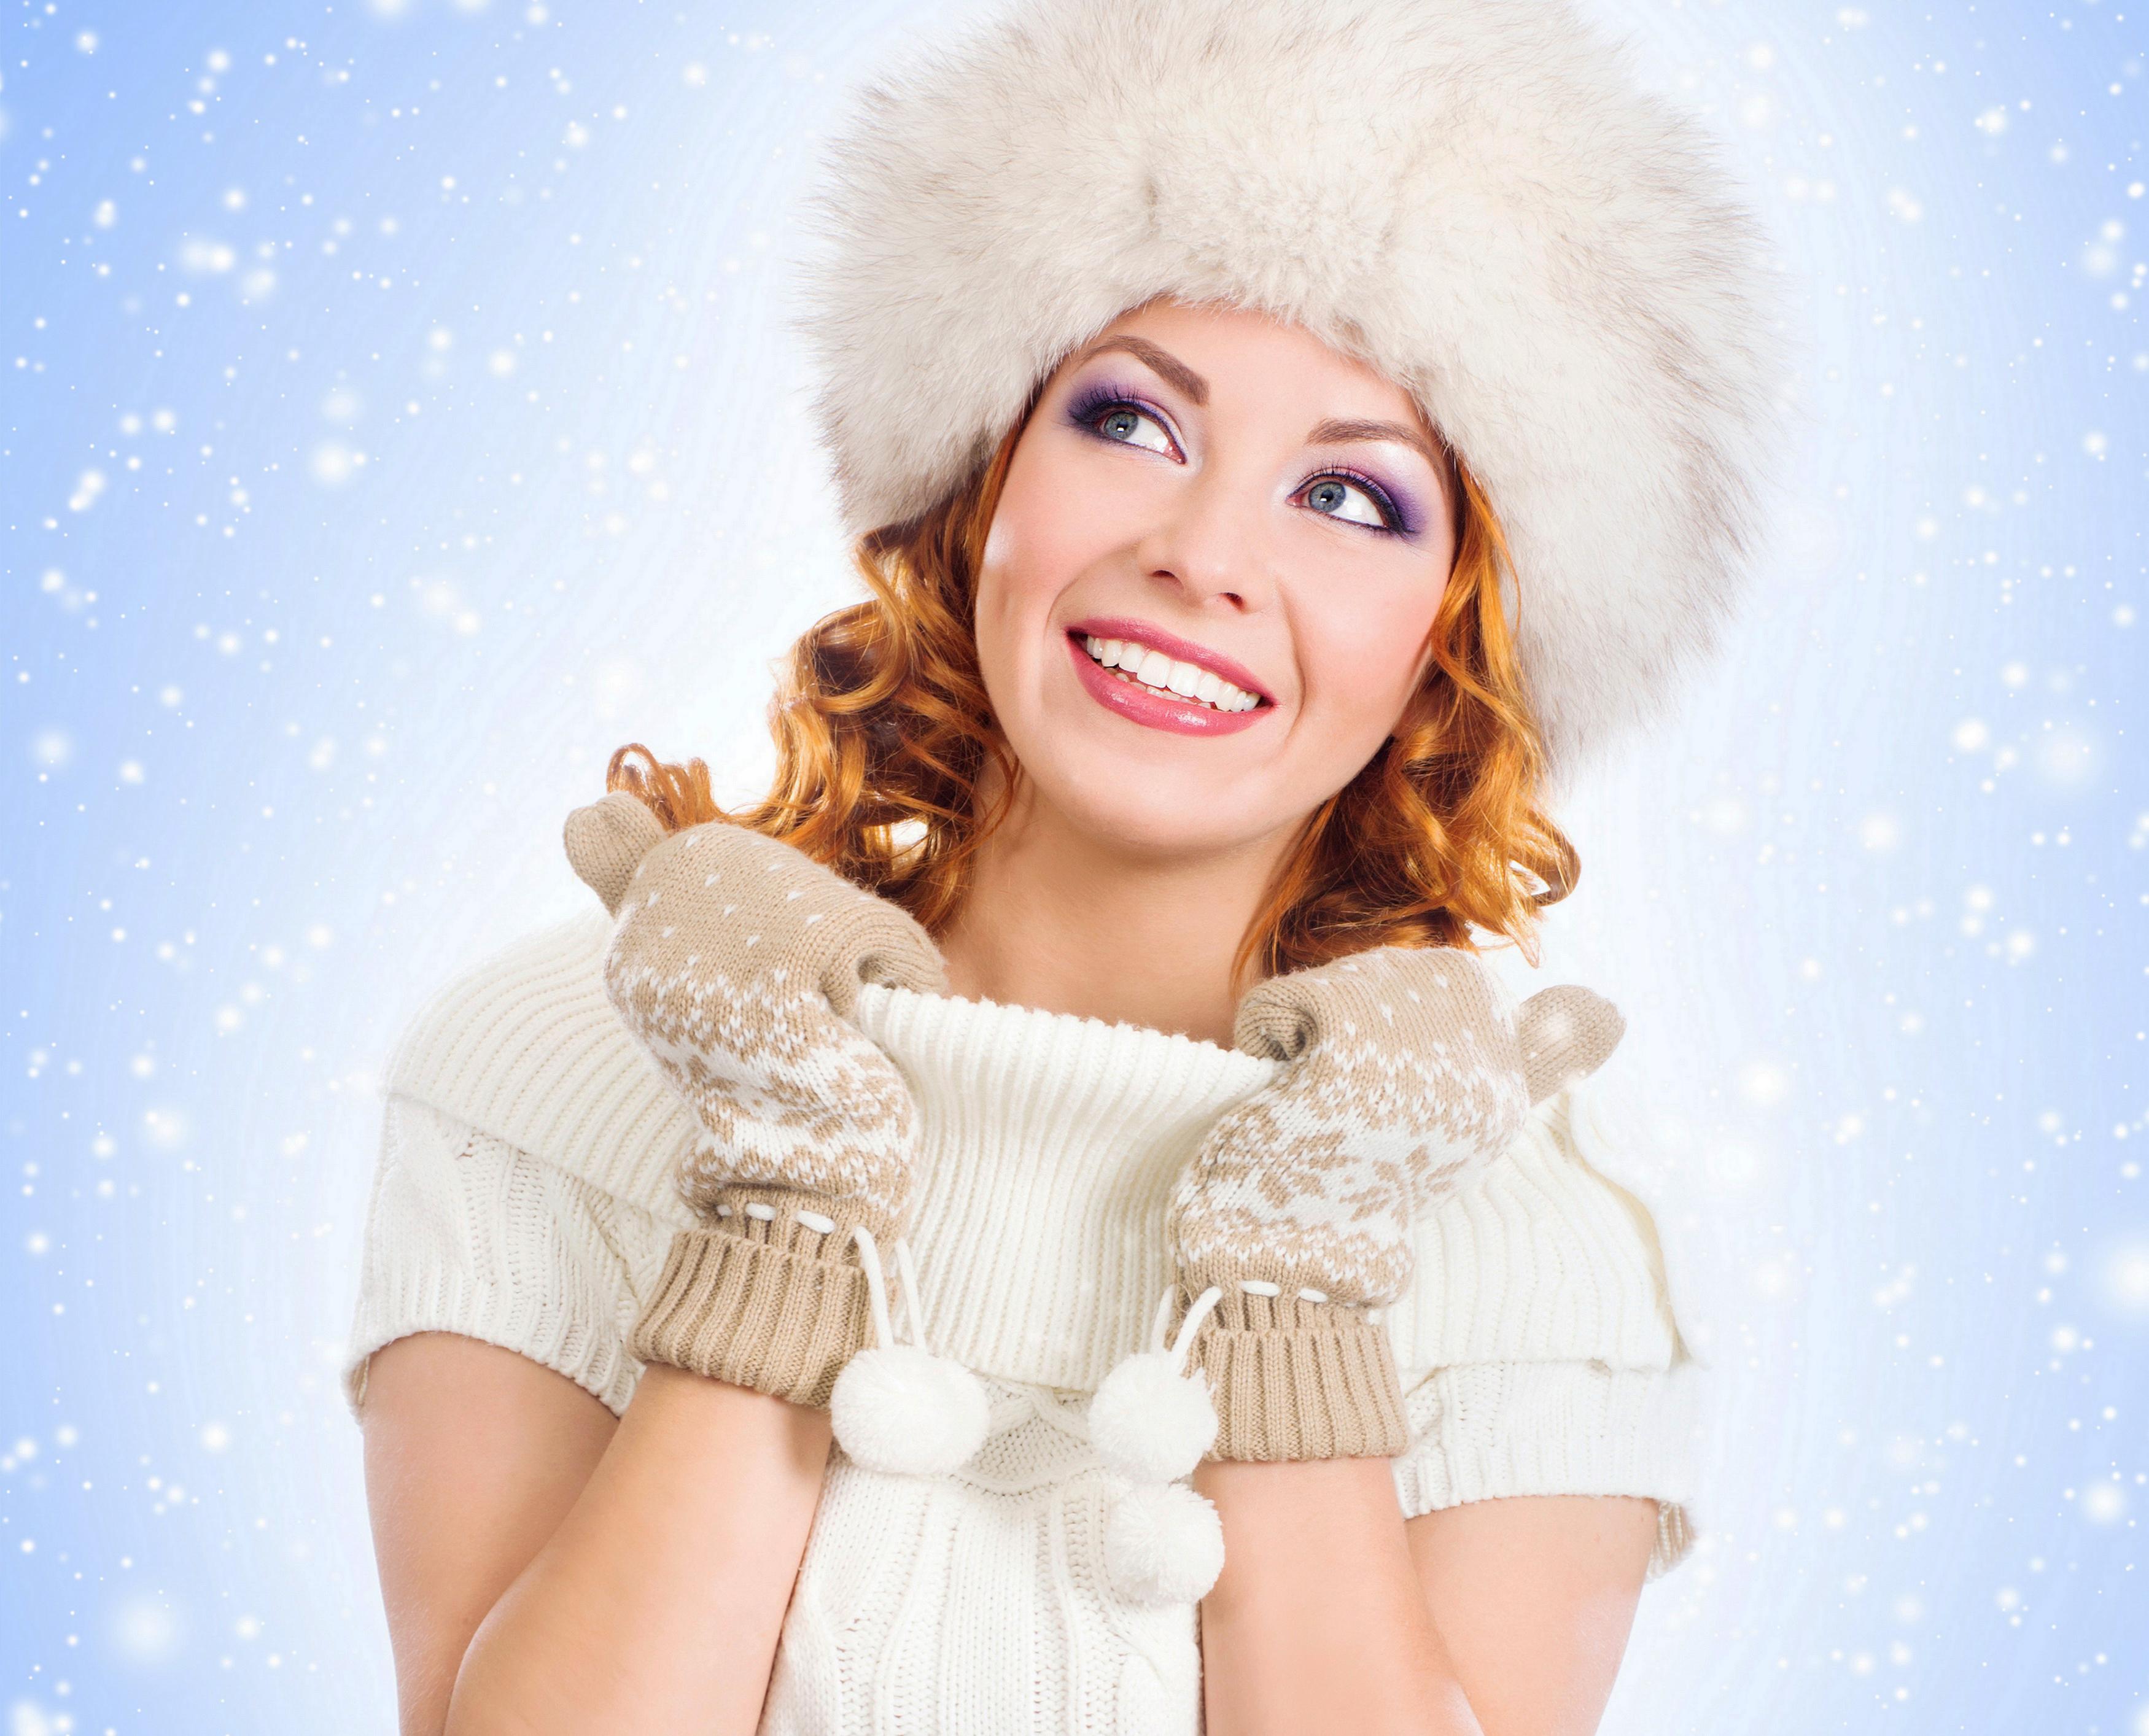 Зима картинка девушки